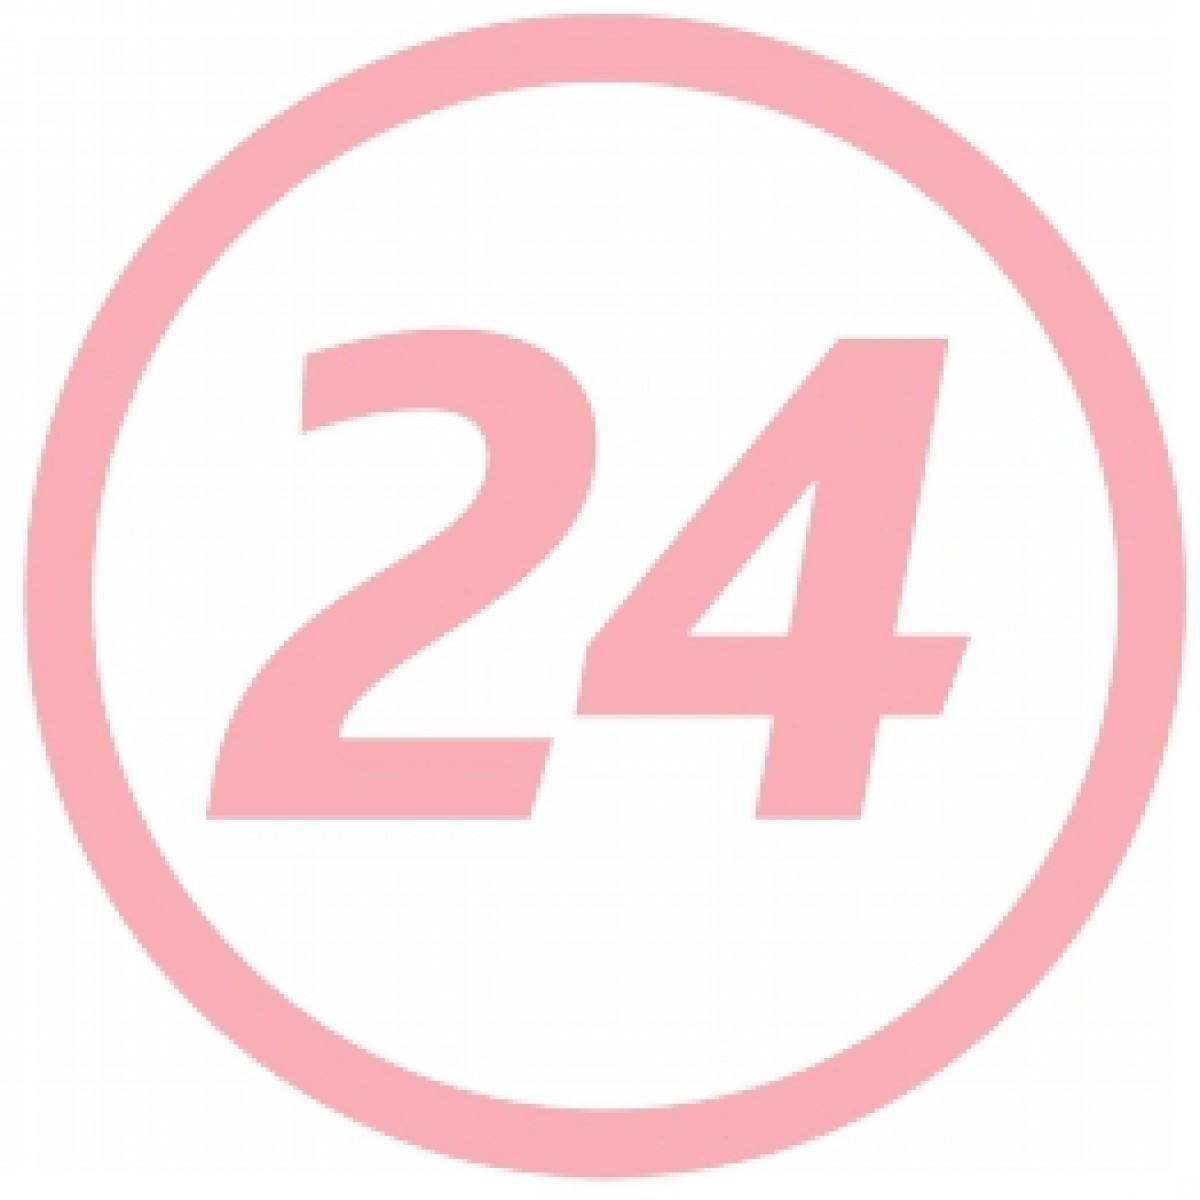 Halat Baie Copii MyKids Roz 1-2 ani